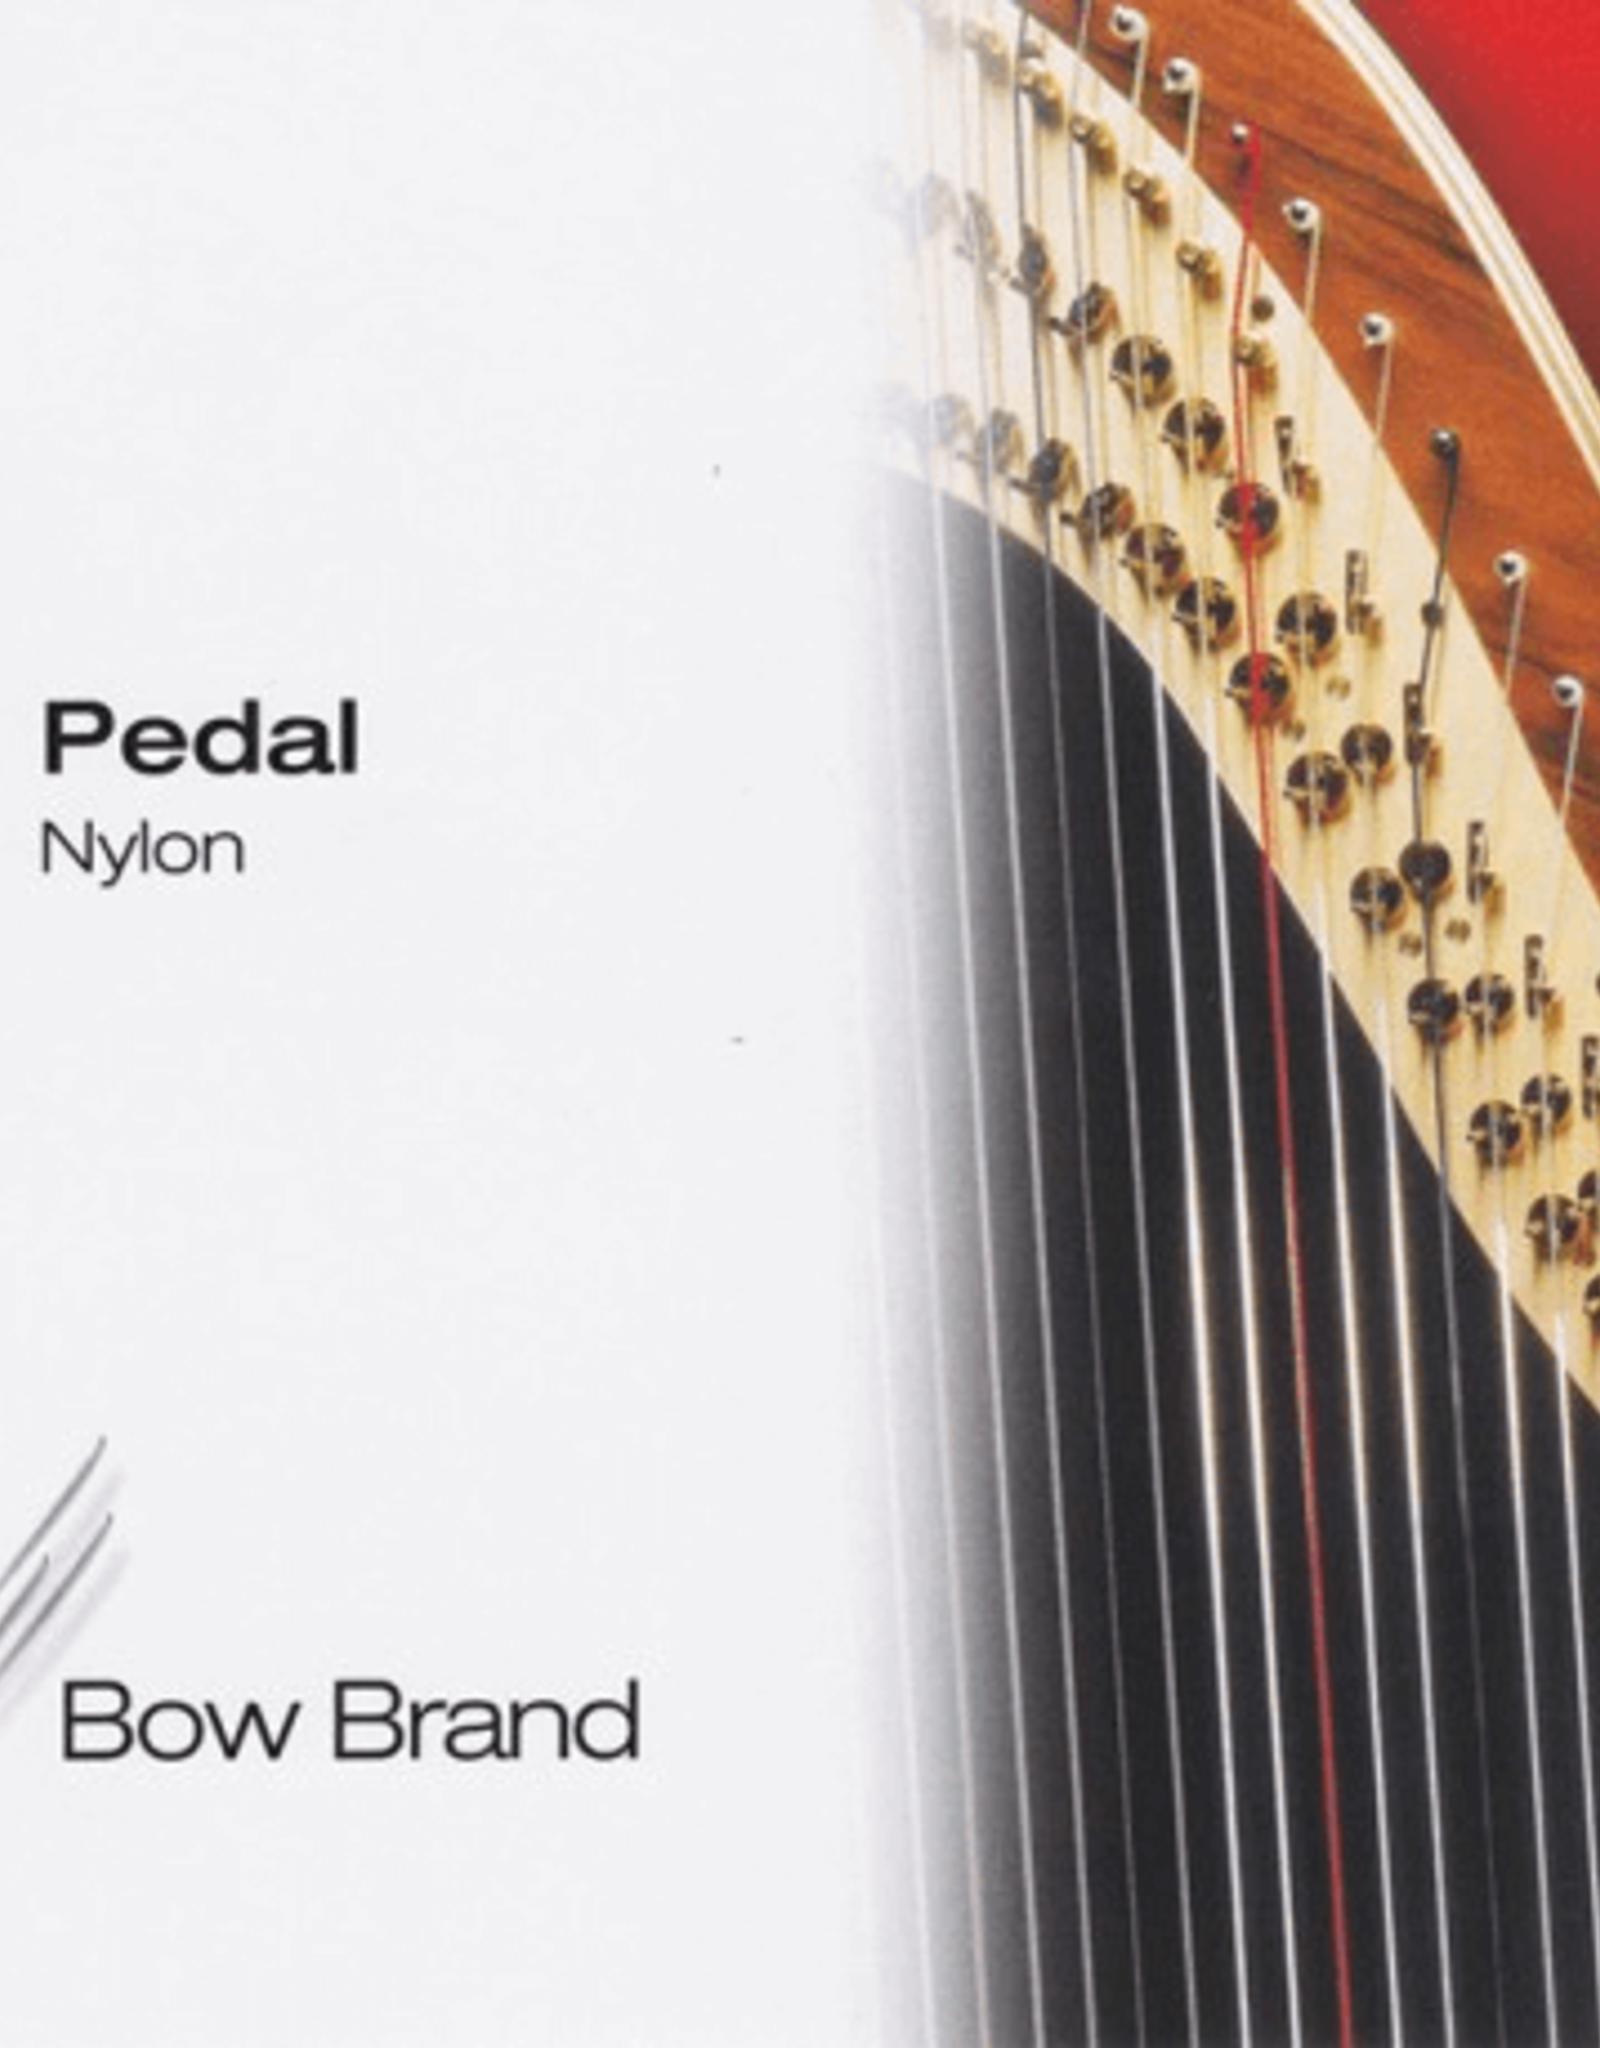 BOW BRAND  pedaal nylon - pedal NYLON 0/0 fa